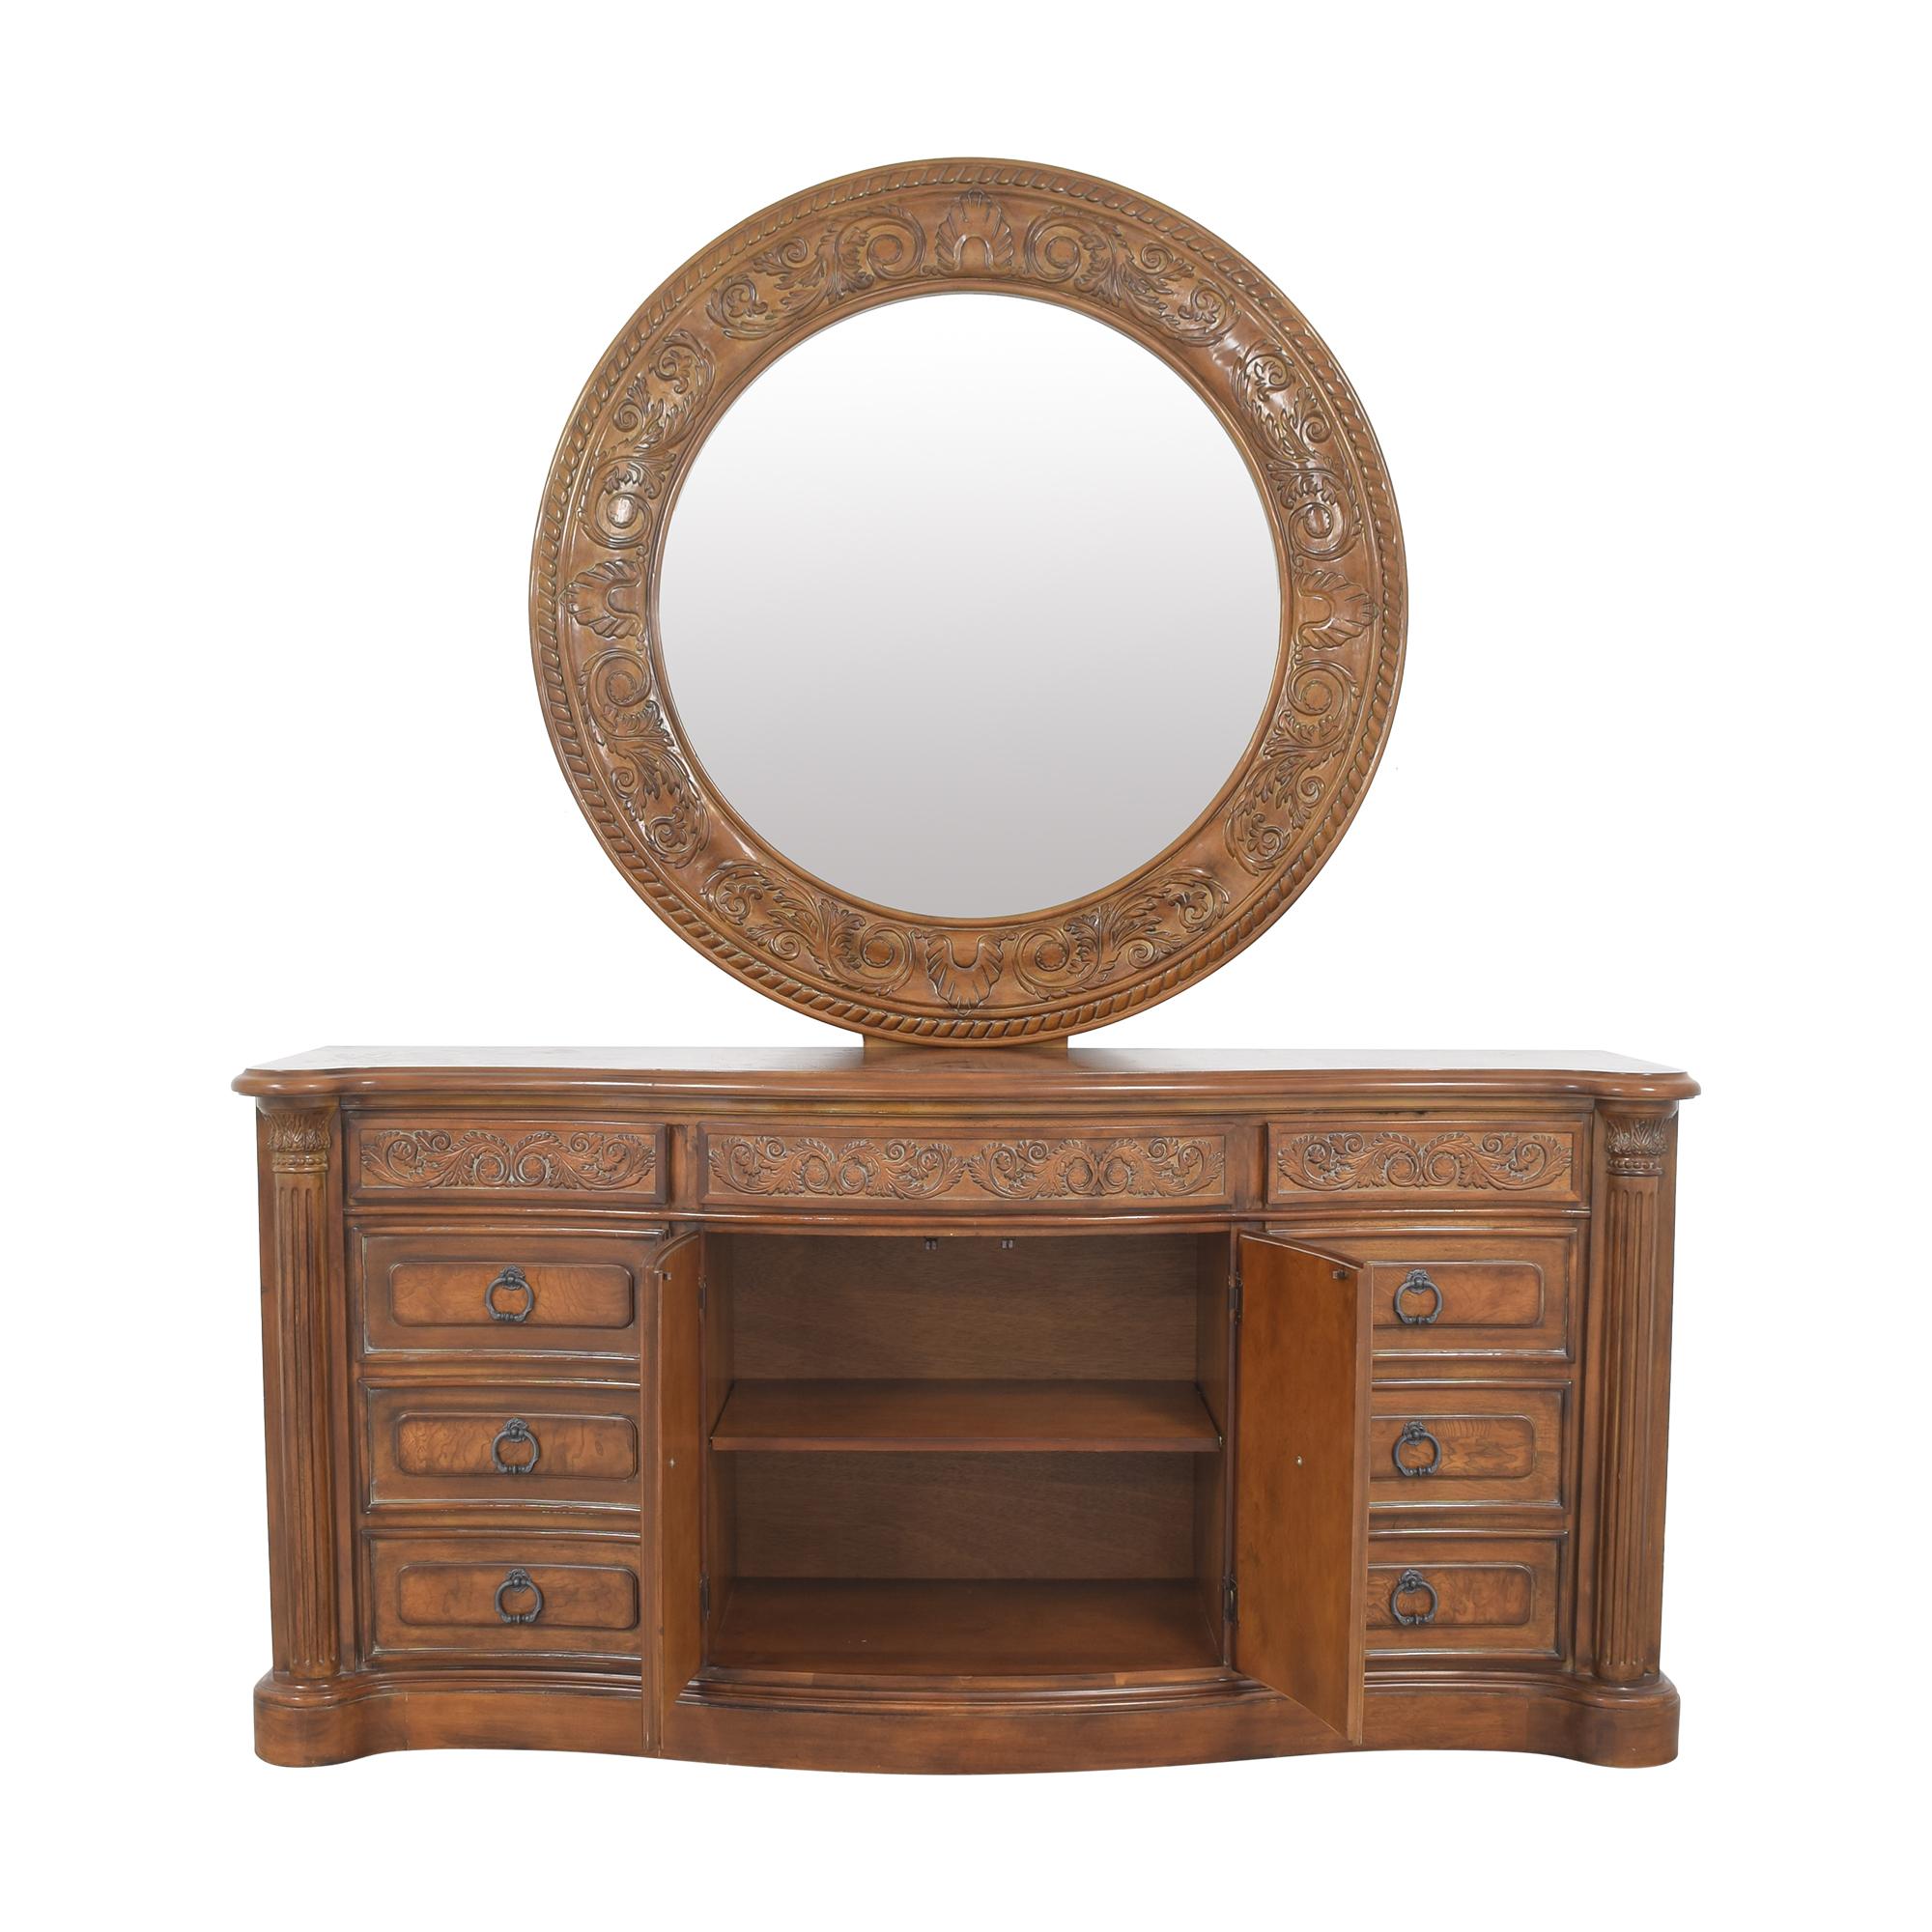 Collezione Europa Collezione Europa Dresser with Oval Mirror nj